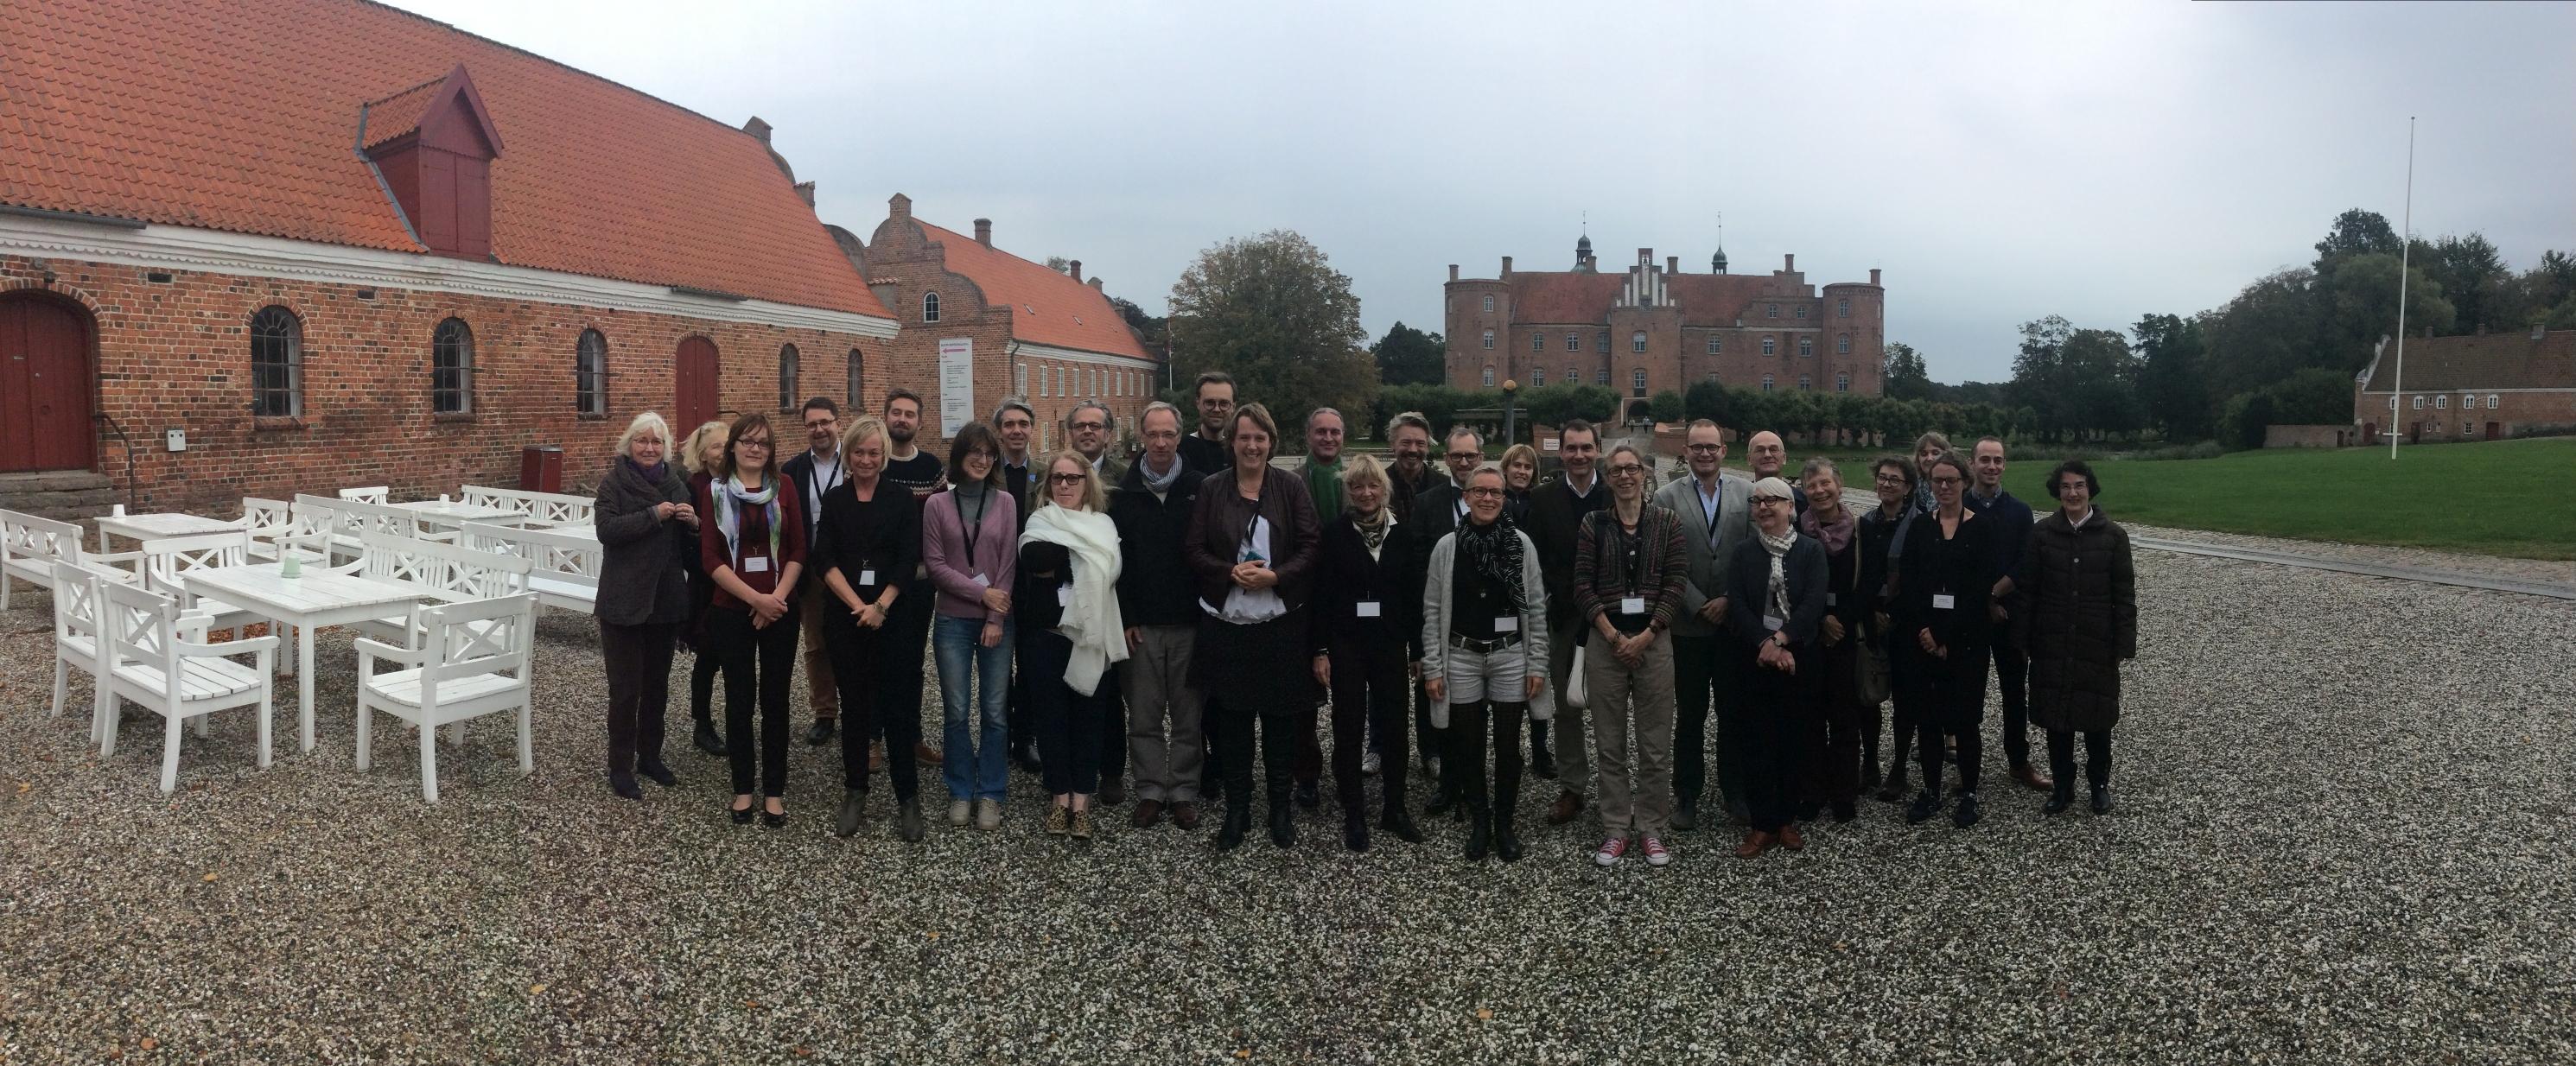 Det internationale forskningsnetværk for herregårdhistorie ved navn ENCOUNTER (European Network for Country House and Estate Research) blev stiftet under netværkets første konference på Gammel Estrup i 2015. Foto: Gammel Estrup – Herregårdsmuseet.